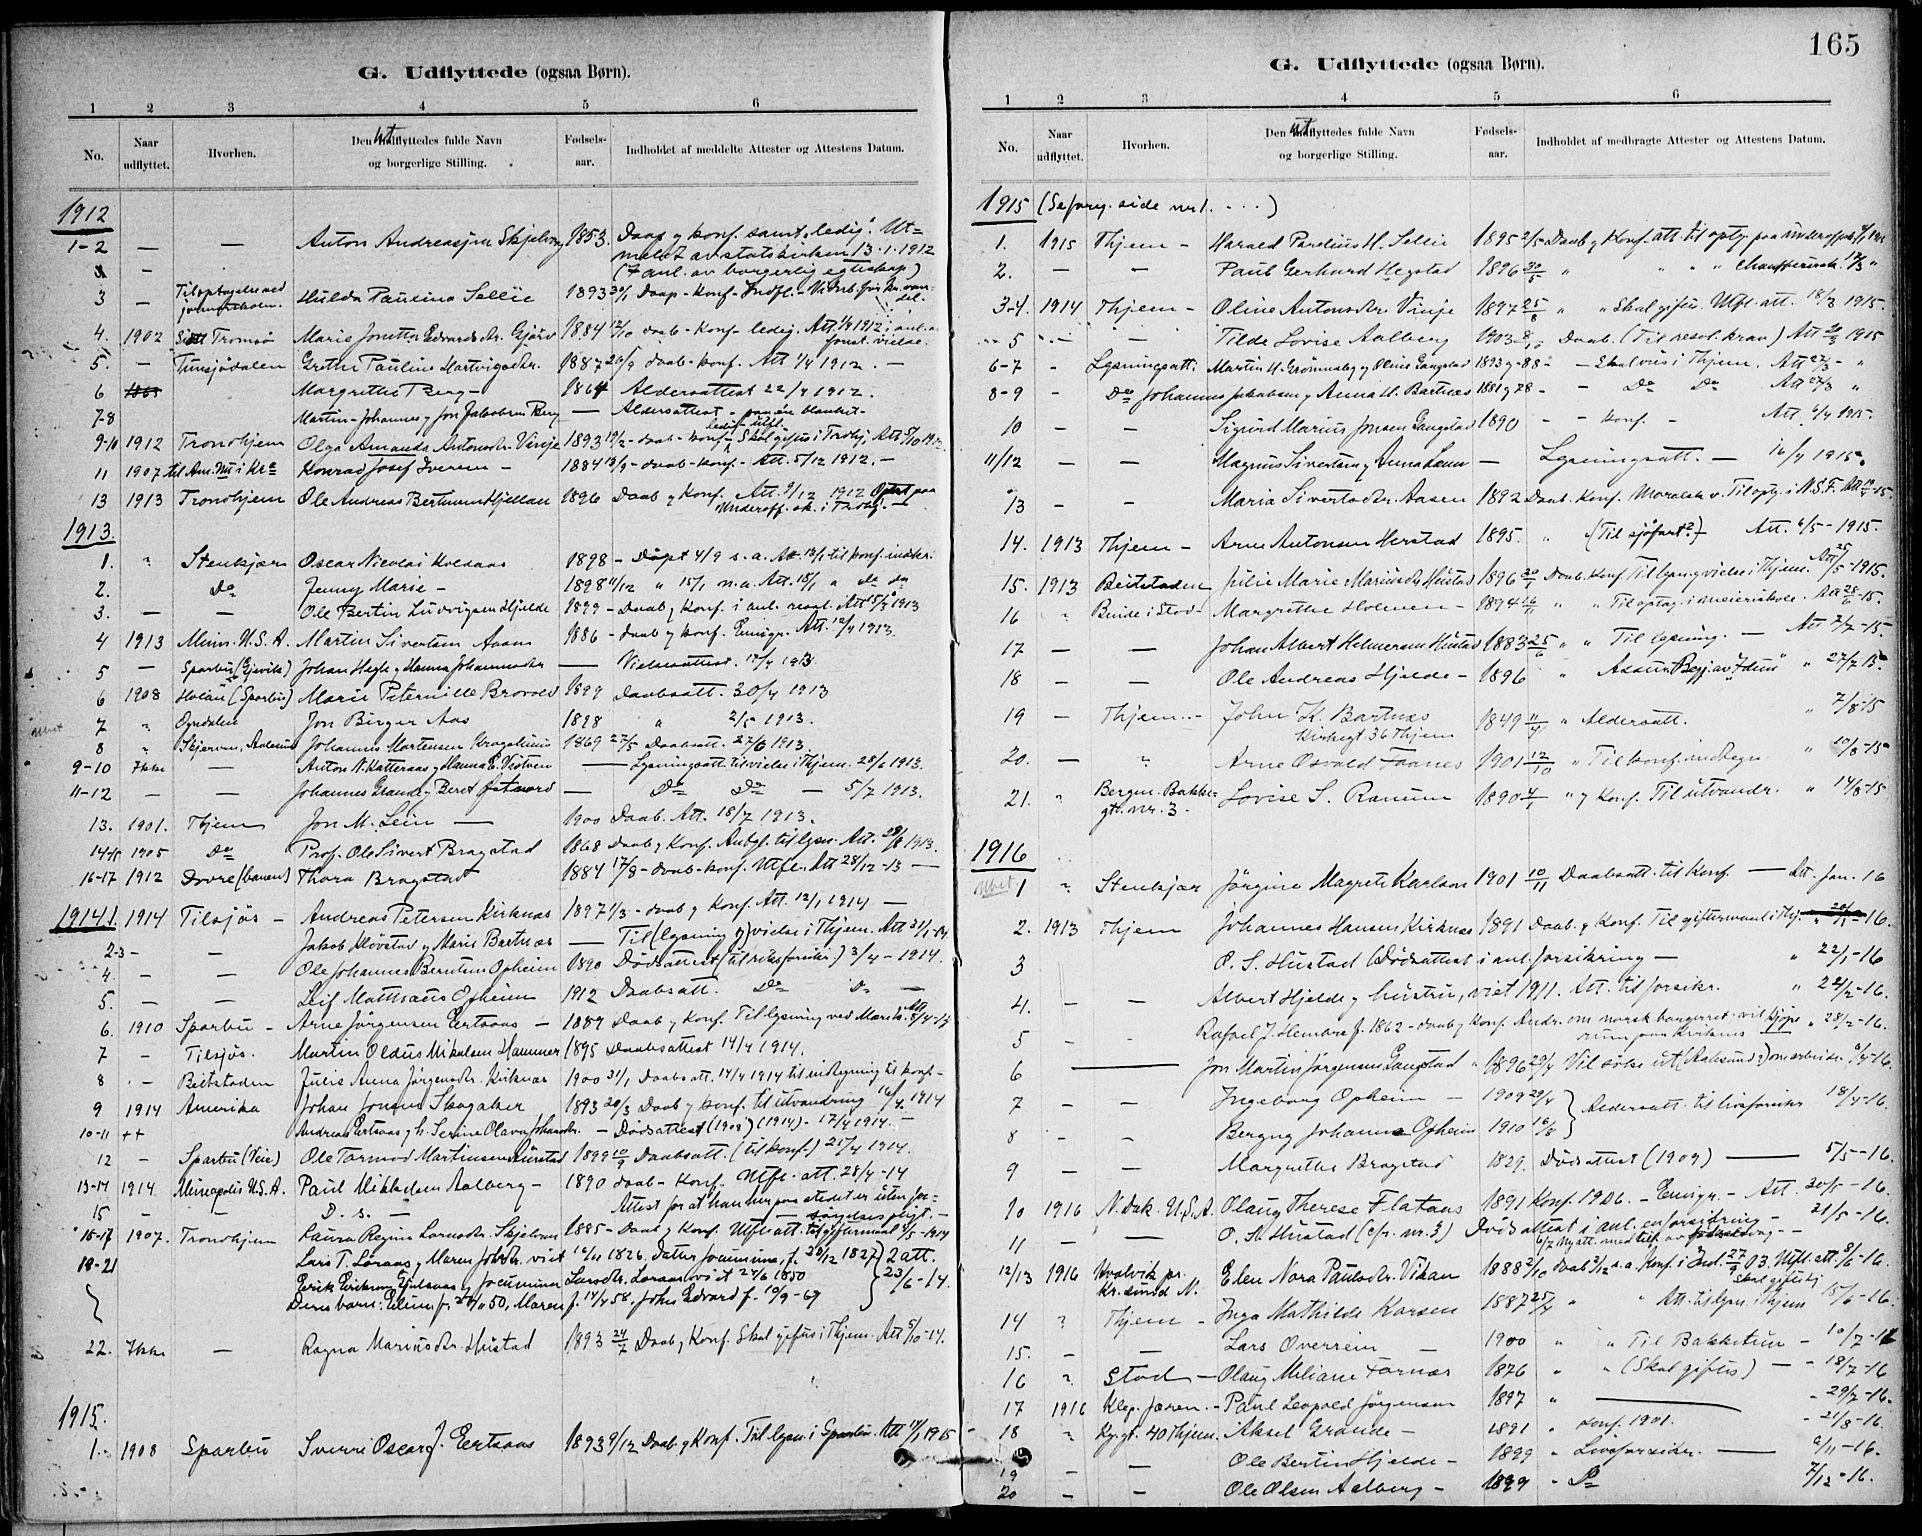 SAT, Ministerialprotokoller, klokkerbøker og fødselsregistre - Nord-Trøndelag, 732/L0316: Ministerialbok nr. 732A01, 1879-1921, s. 165